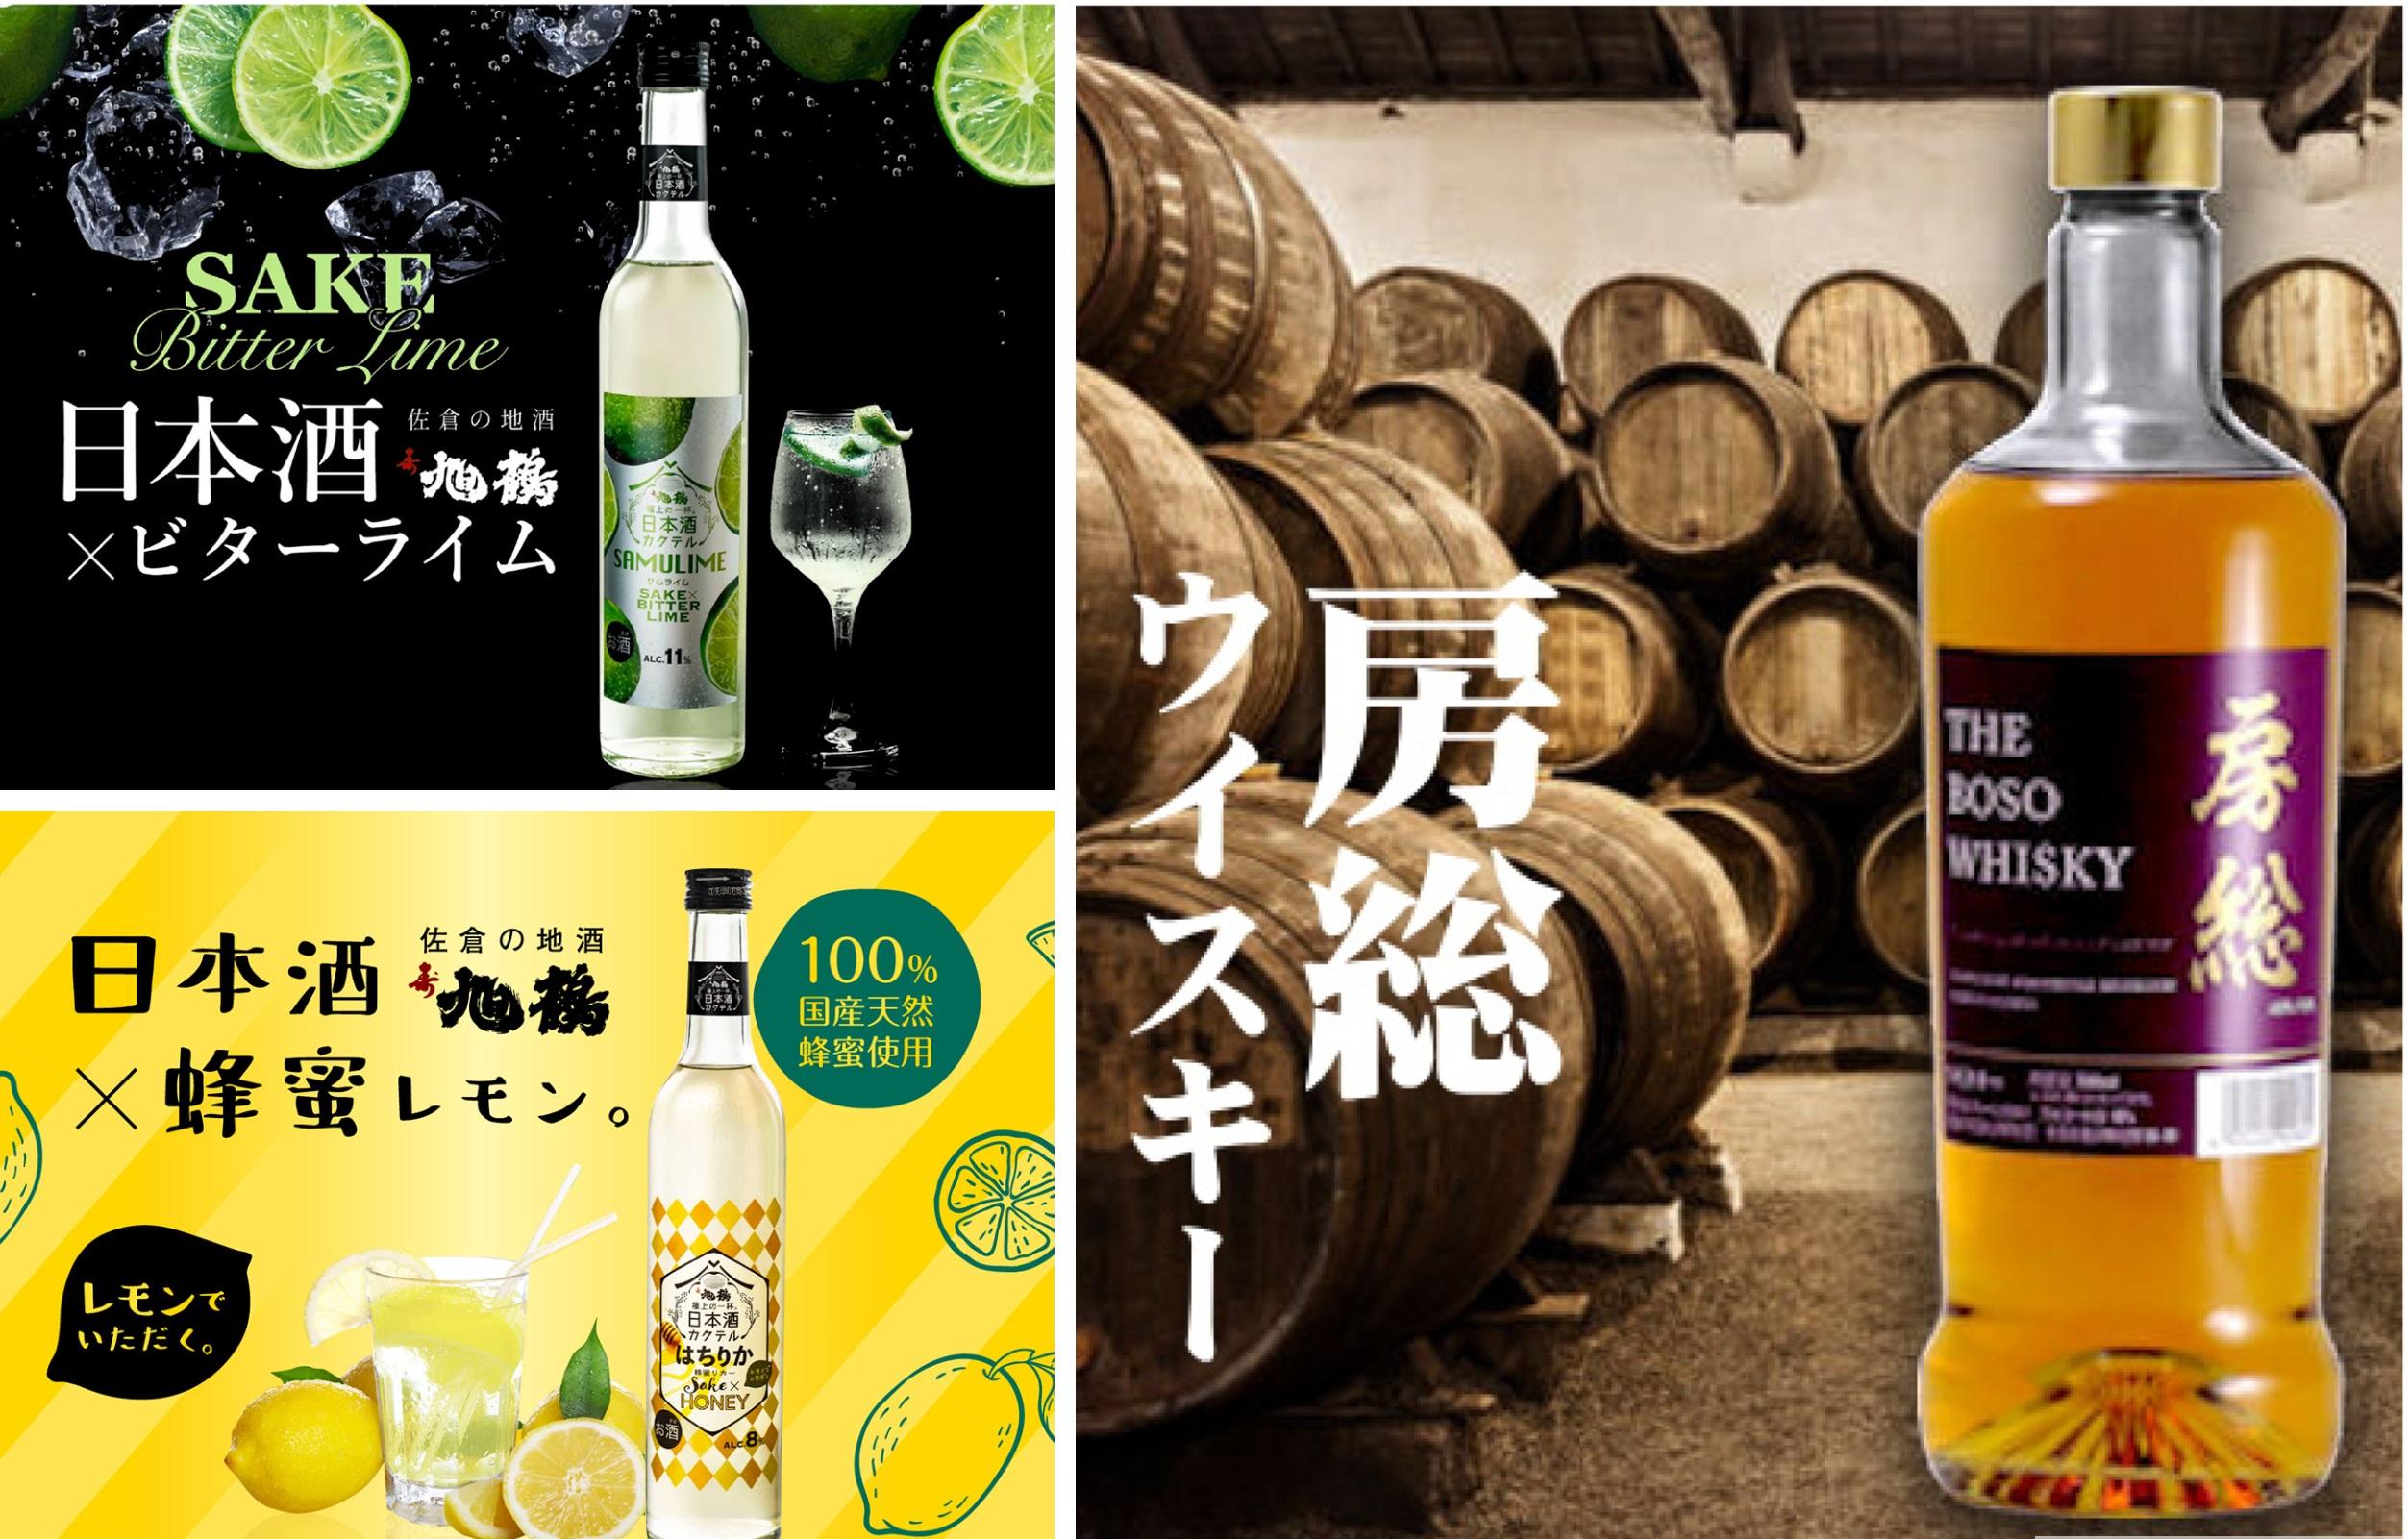 3月の「CHIBA SAKE.com」は、3週連続新商品発売!第一弾は3月1日(月)から販売開始の100%国産の天然蜂蜜を使用した新しい日本酒カクテル